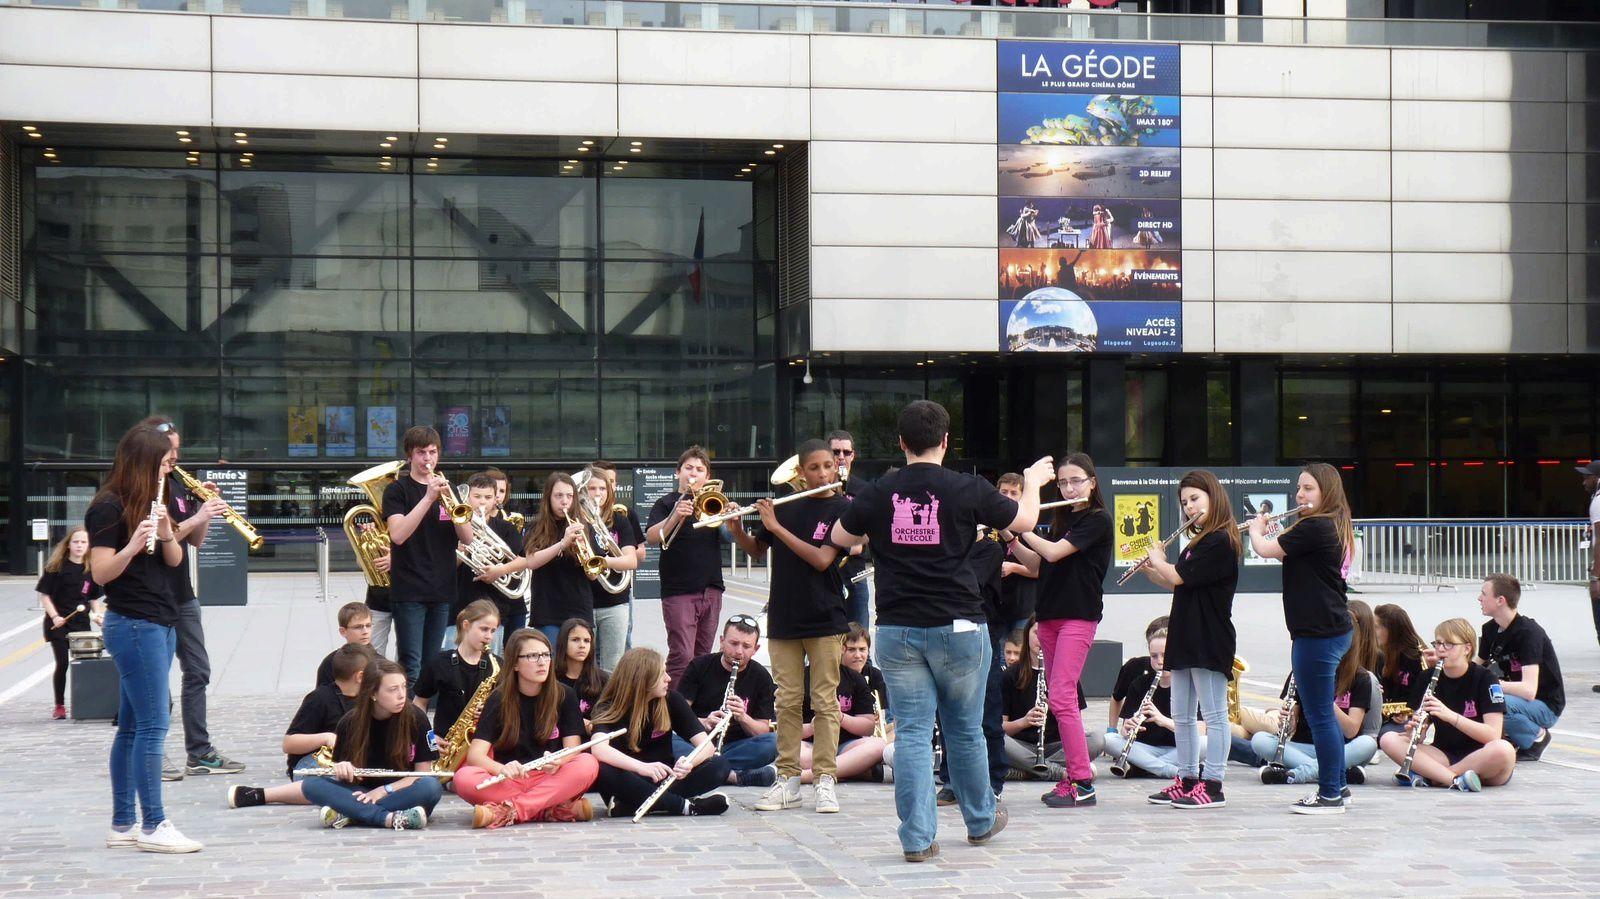 """Retour en image de notre journée à Paris entre répétition dans les locaux de Vivendi et un """"flashmob"""" à la Cité des Sciences !"""